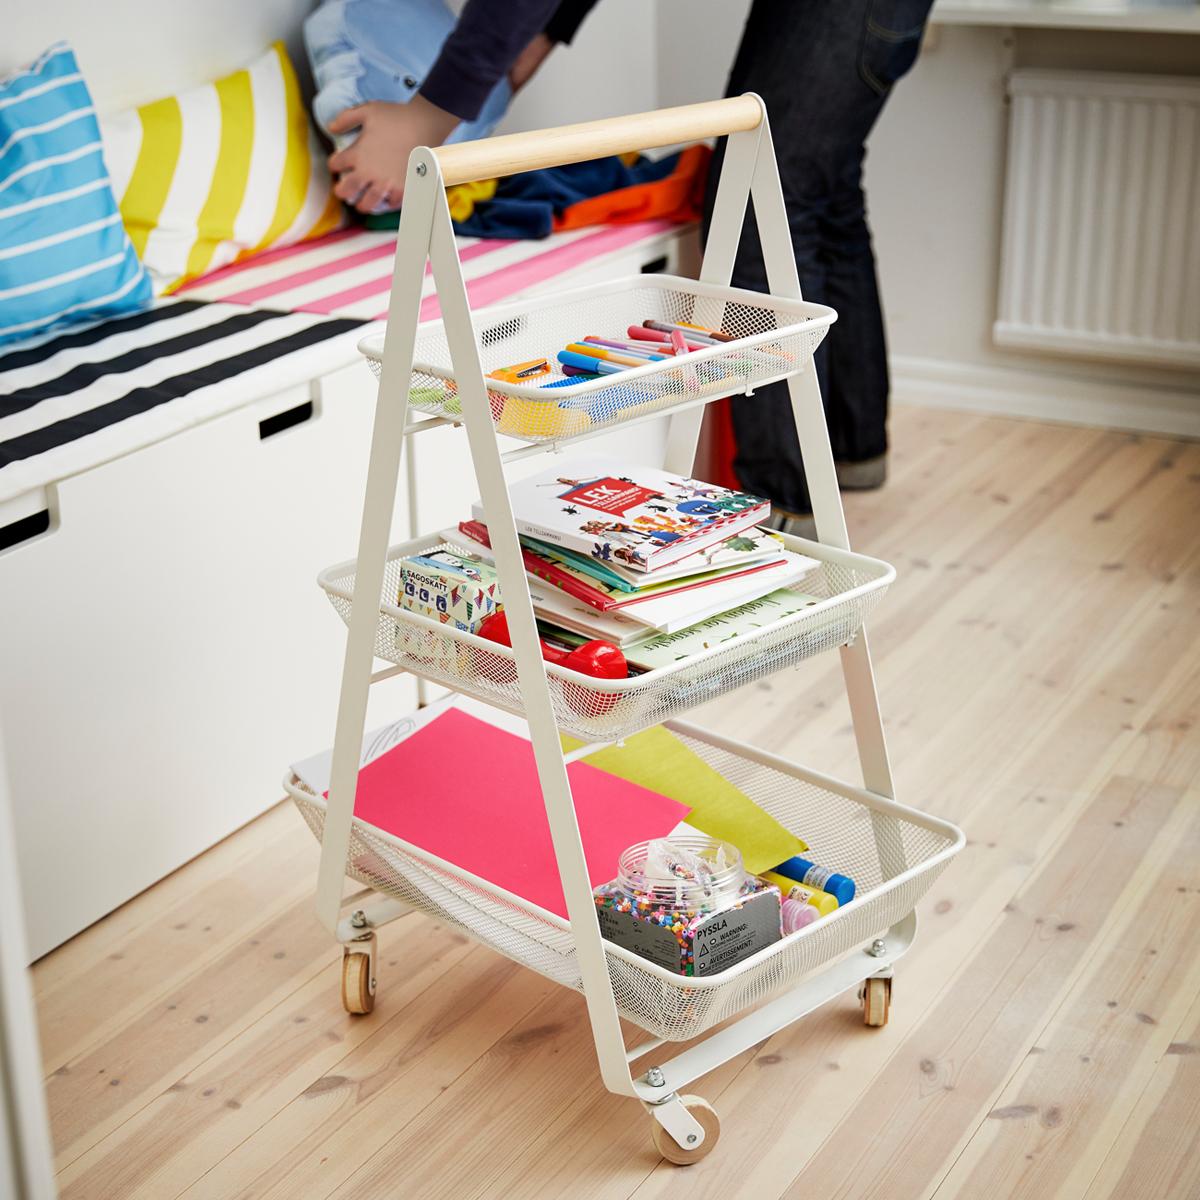 Risatorp Tekerlekli Servis Arabasi Ile Cocugunuzun Calisma Malzemelerini Tek Bir Alanda Depolayabilir Ve Cocugunuzun Is Utility Cart Ikea Ikea Storage Cabinets